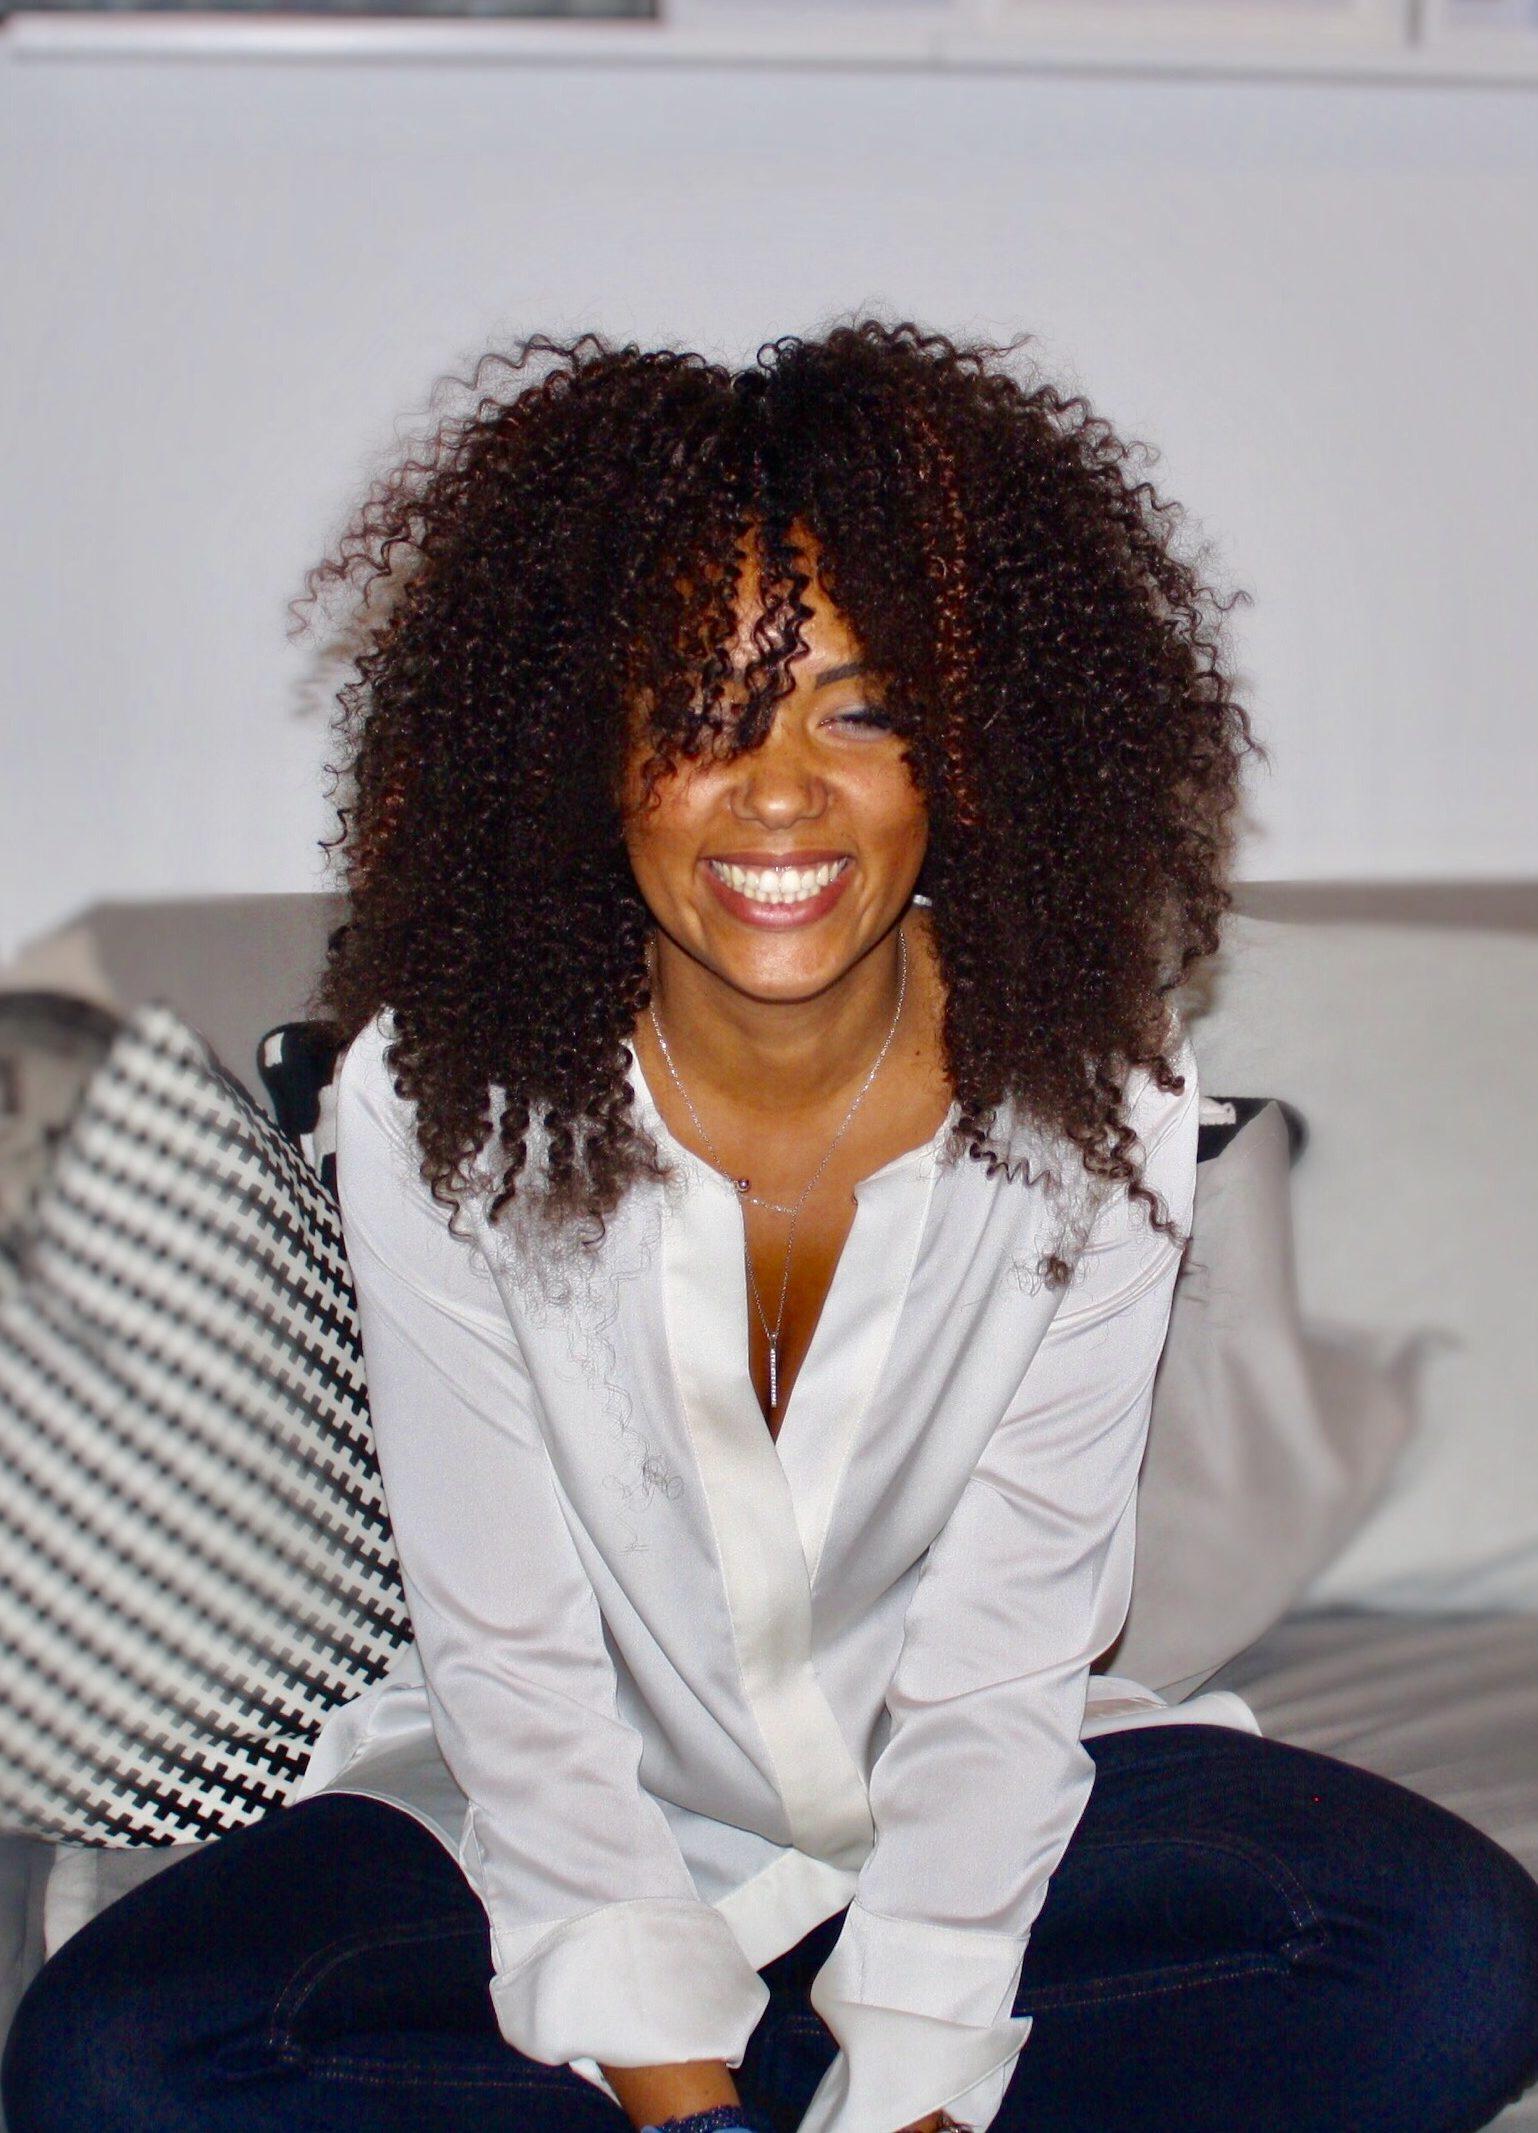 Marion, blogueuse Begimmick, astuces mode, déco, beauté